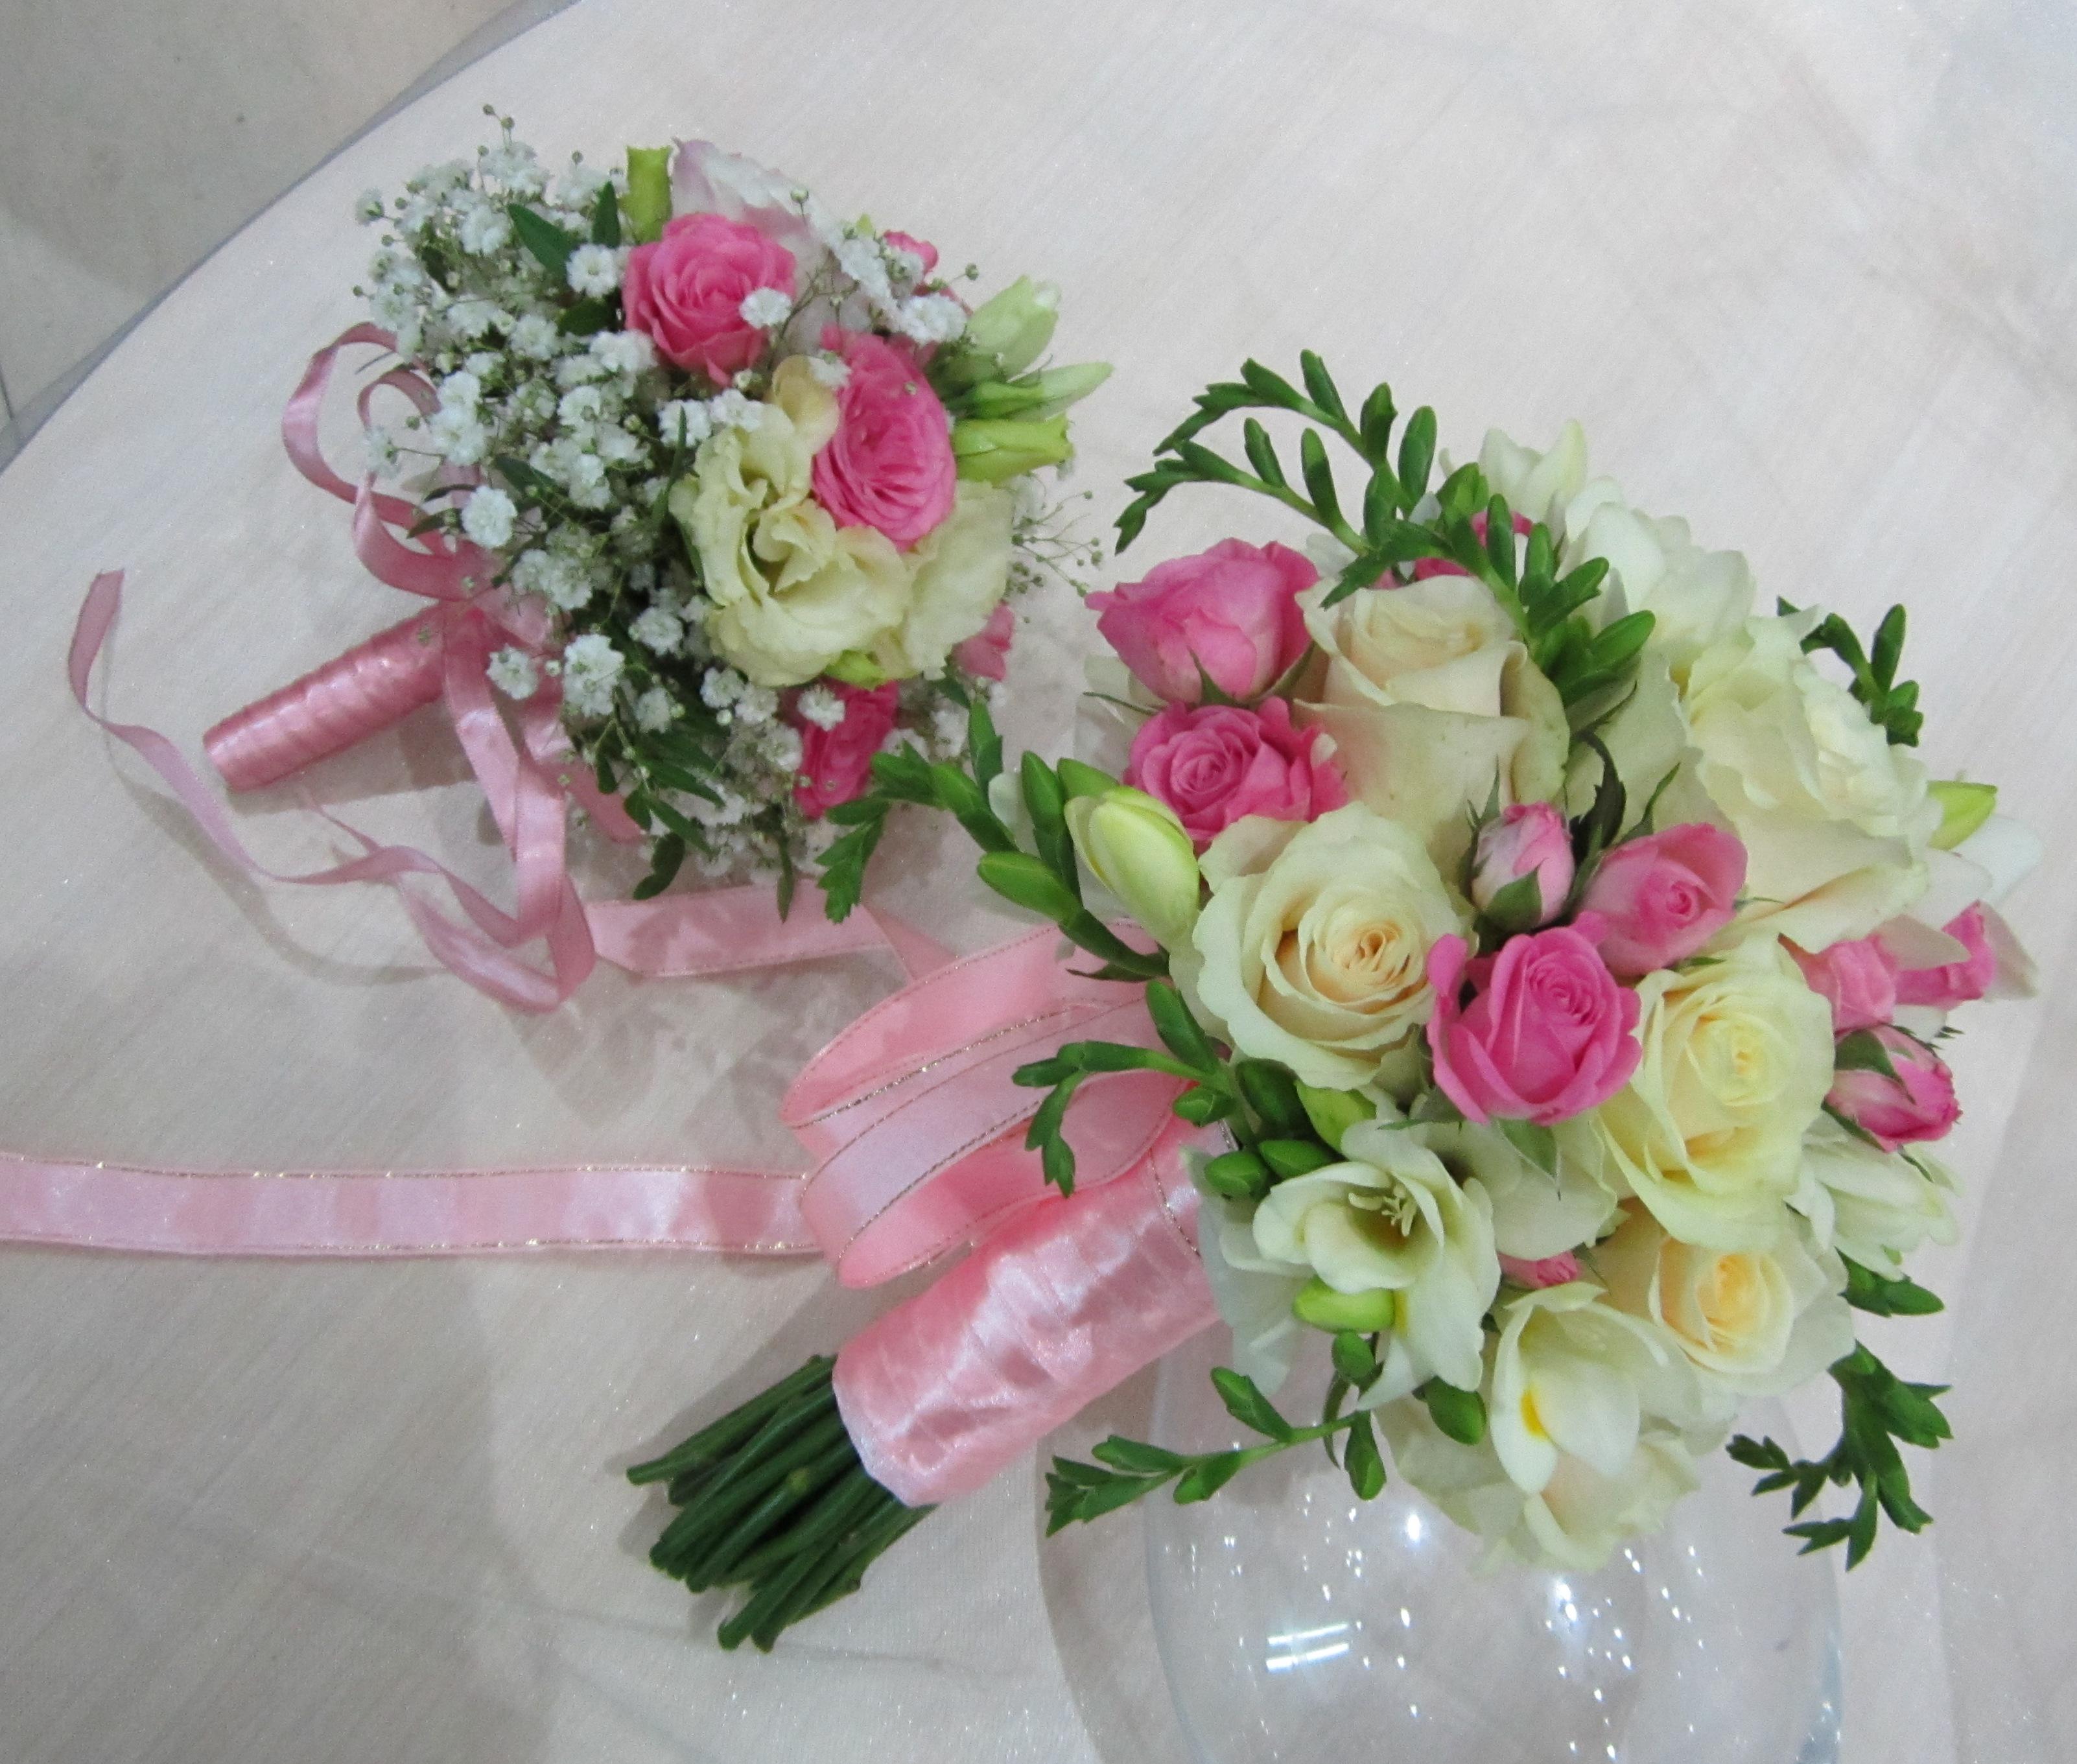 Свадебные цветы: как выбрать самый красивый букет и яркое 93